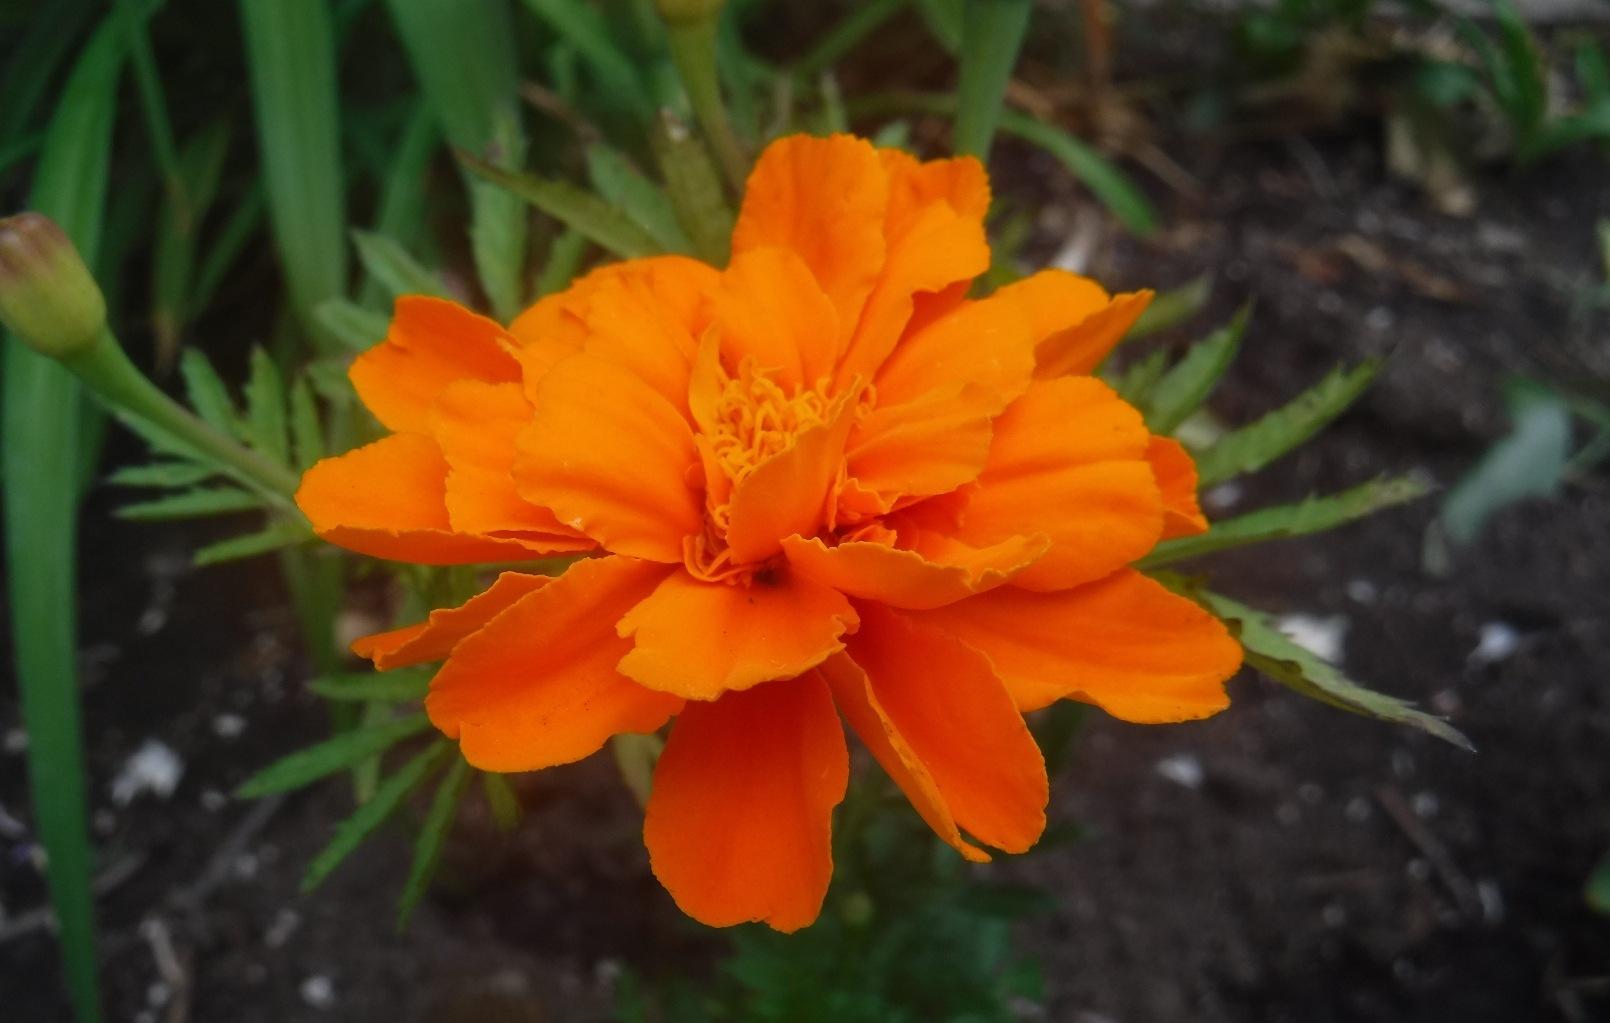 Magnificent Marigold Orange by sllennips